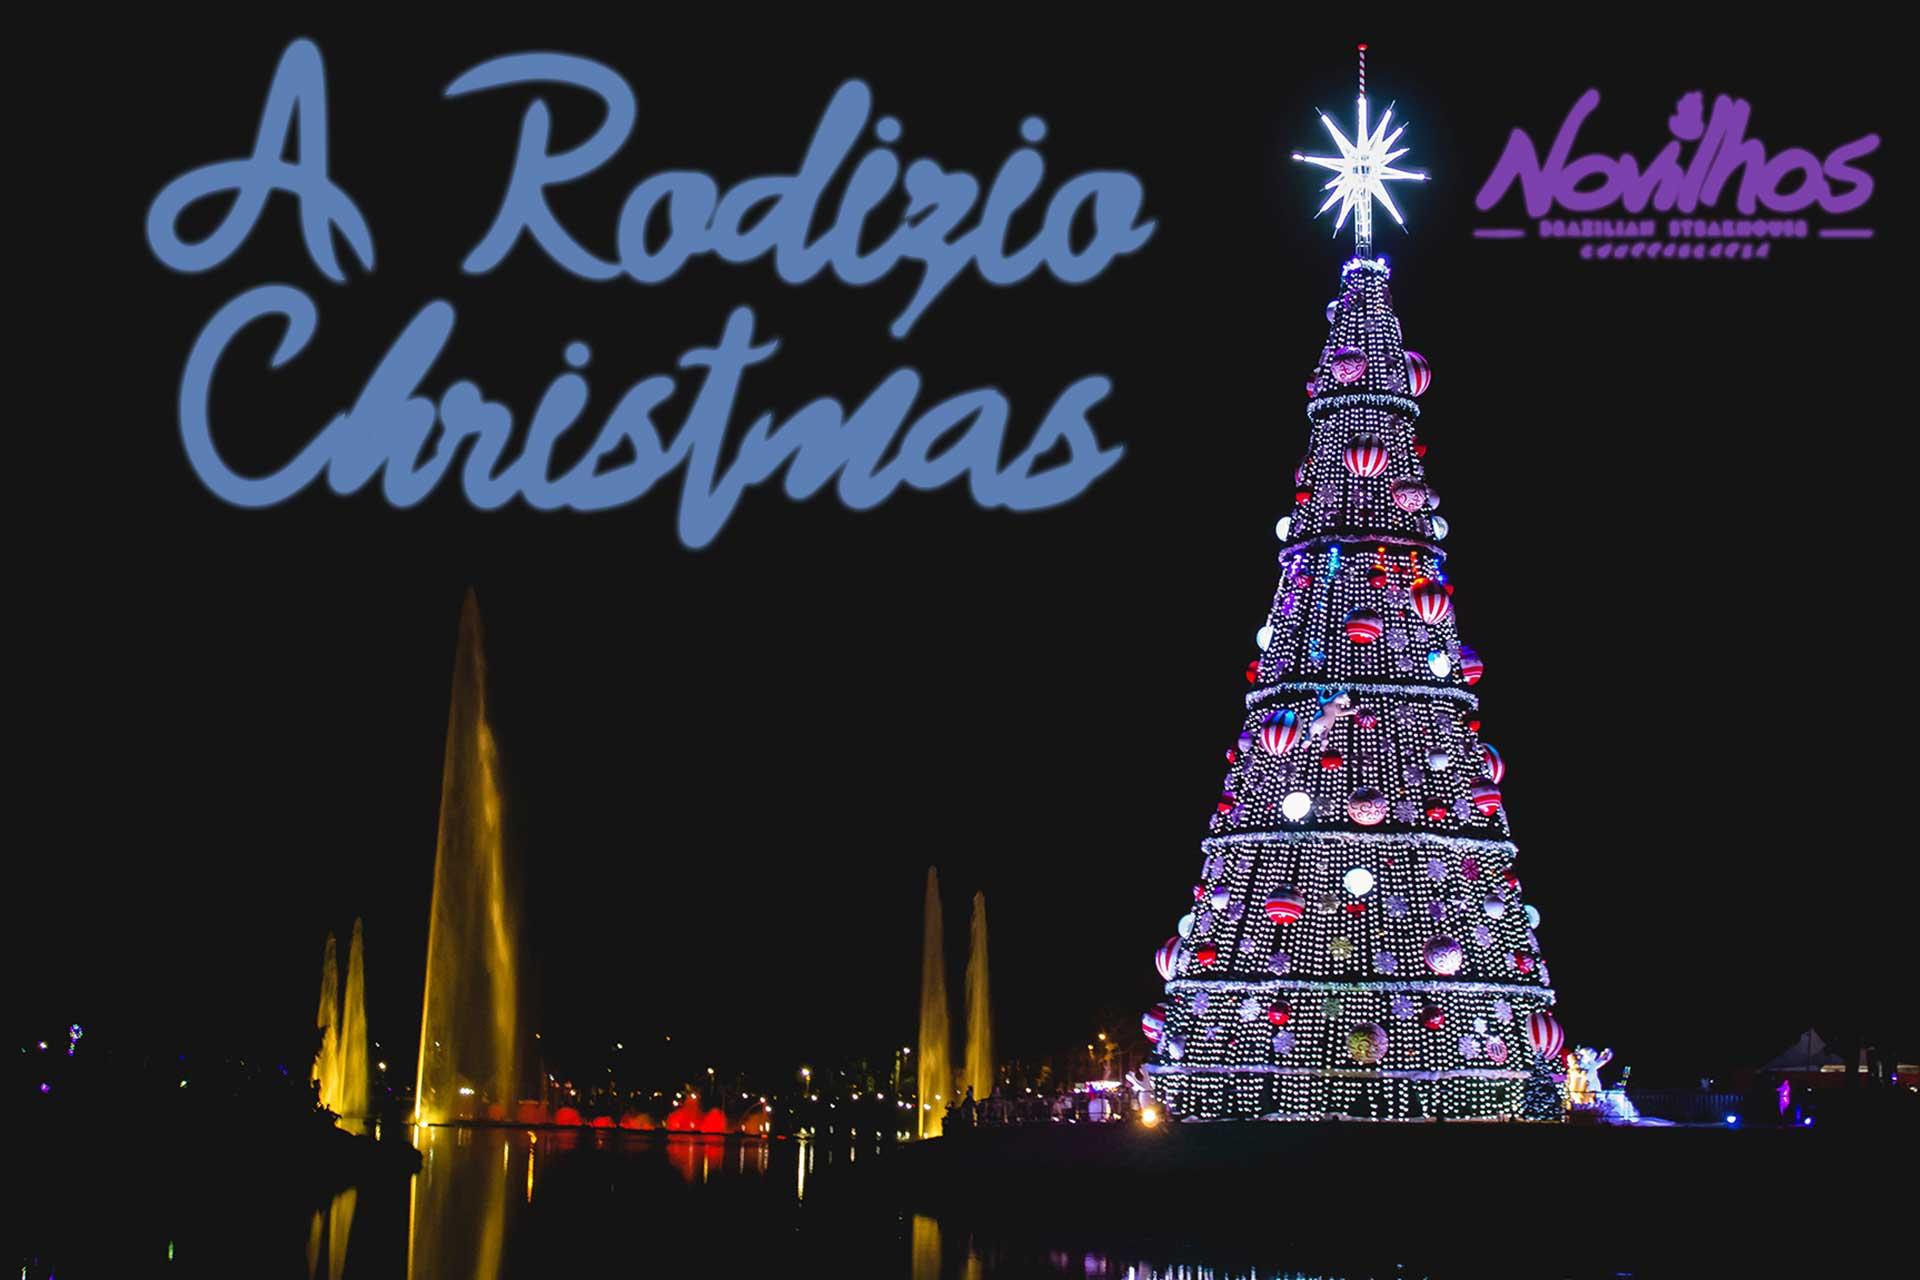 A Rodizio Christmas